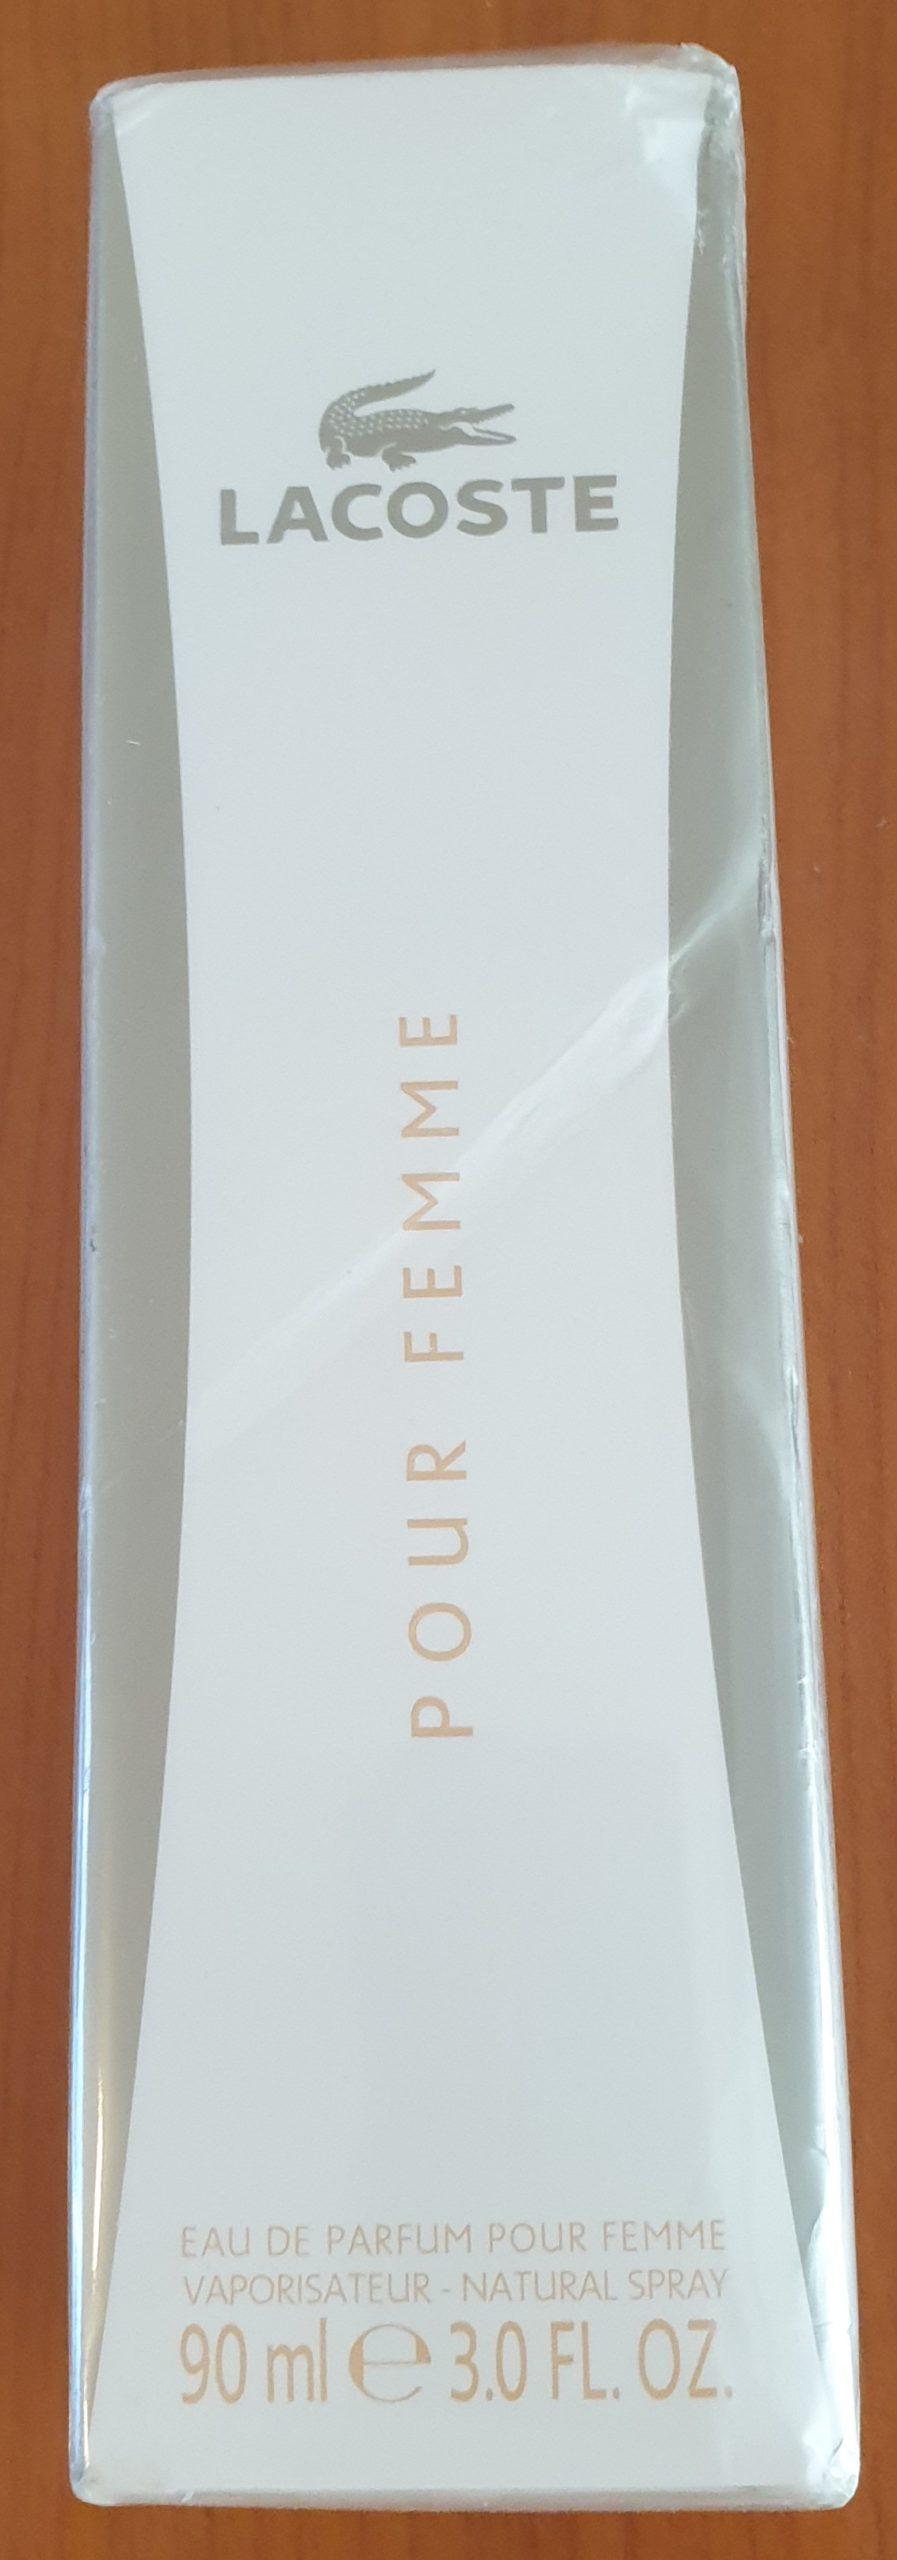 lacoste eau de parfum